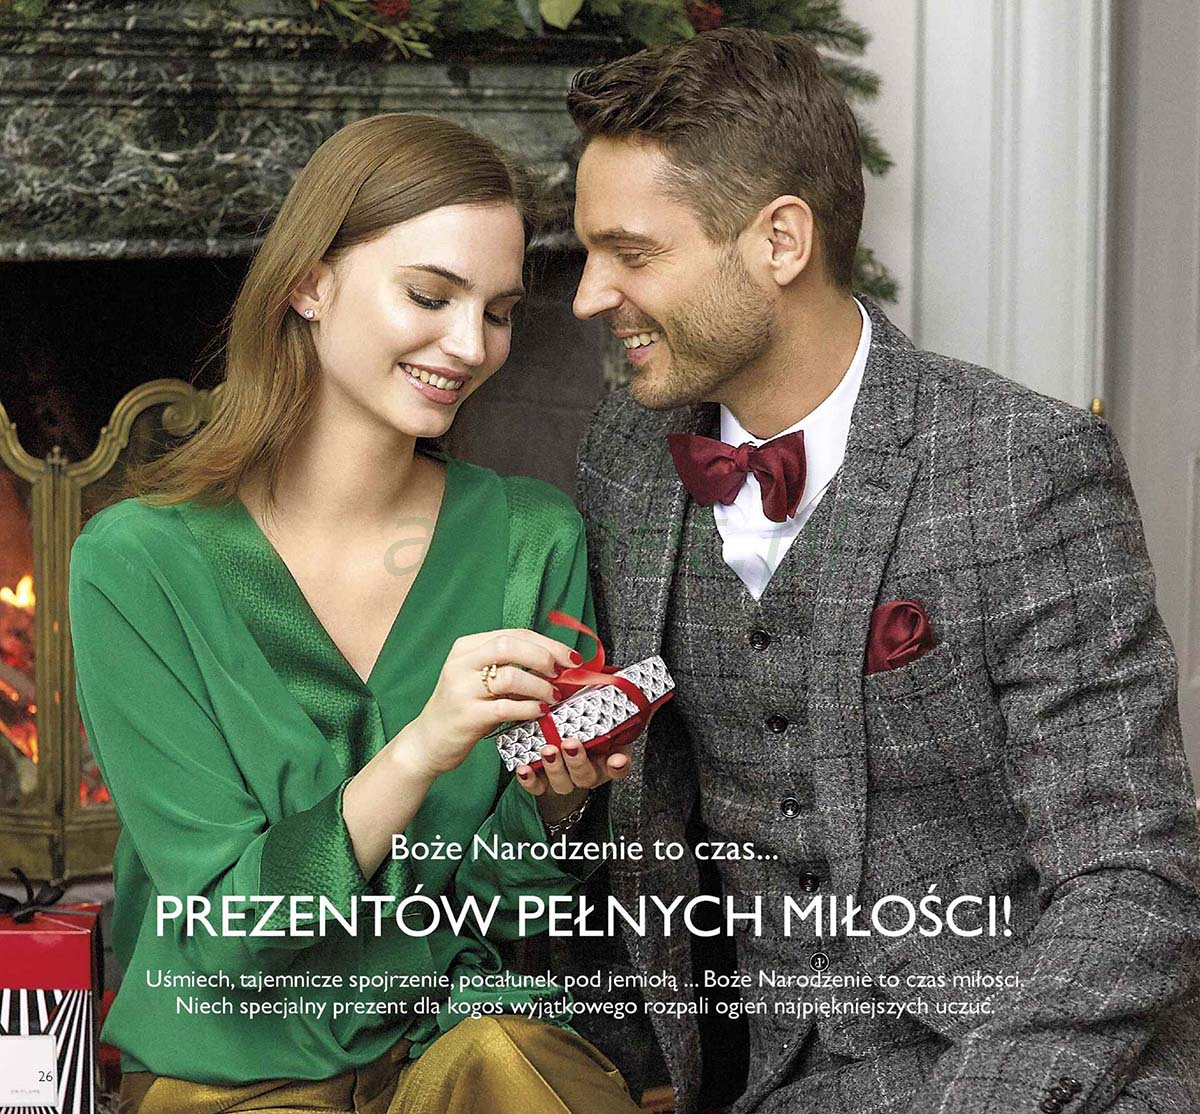 2017017-026-pl-pl